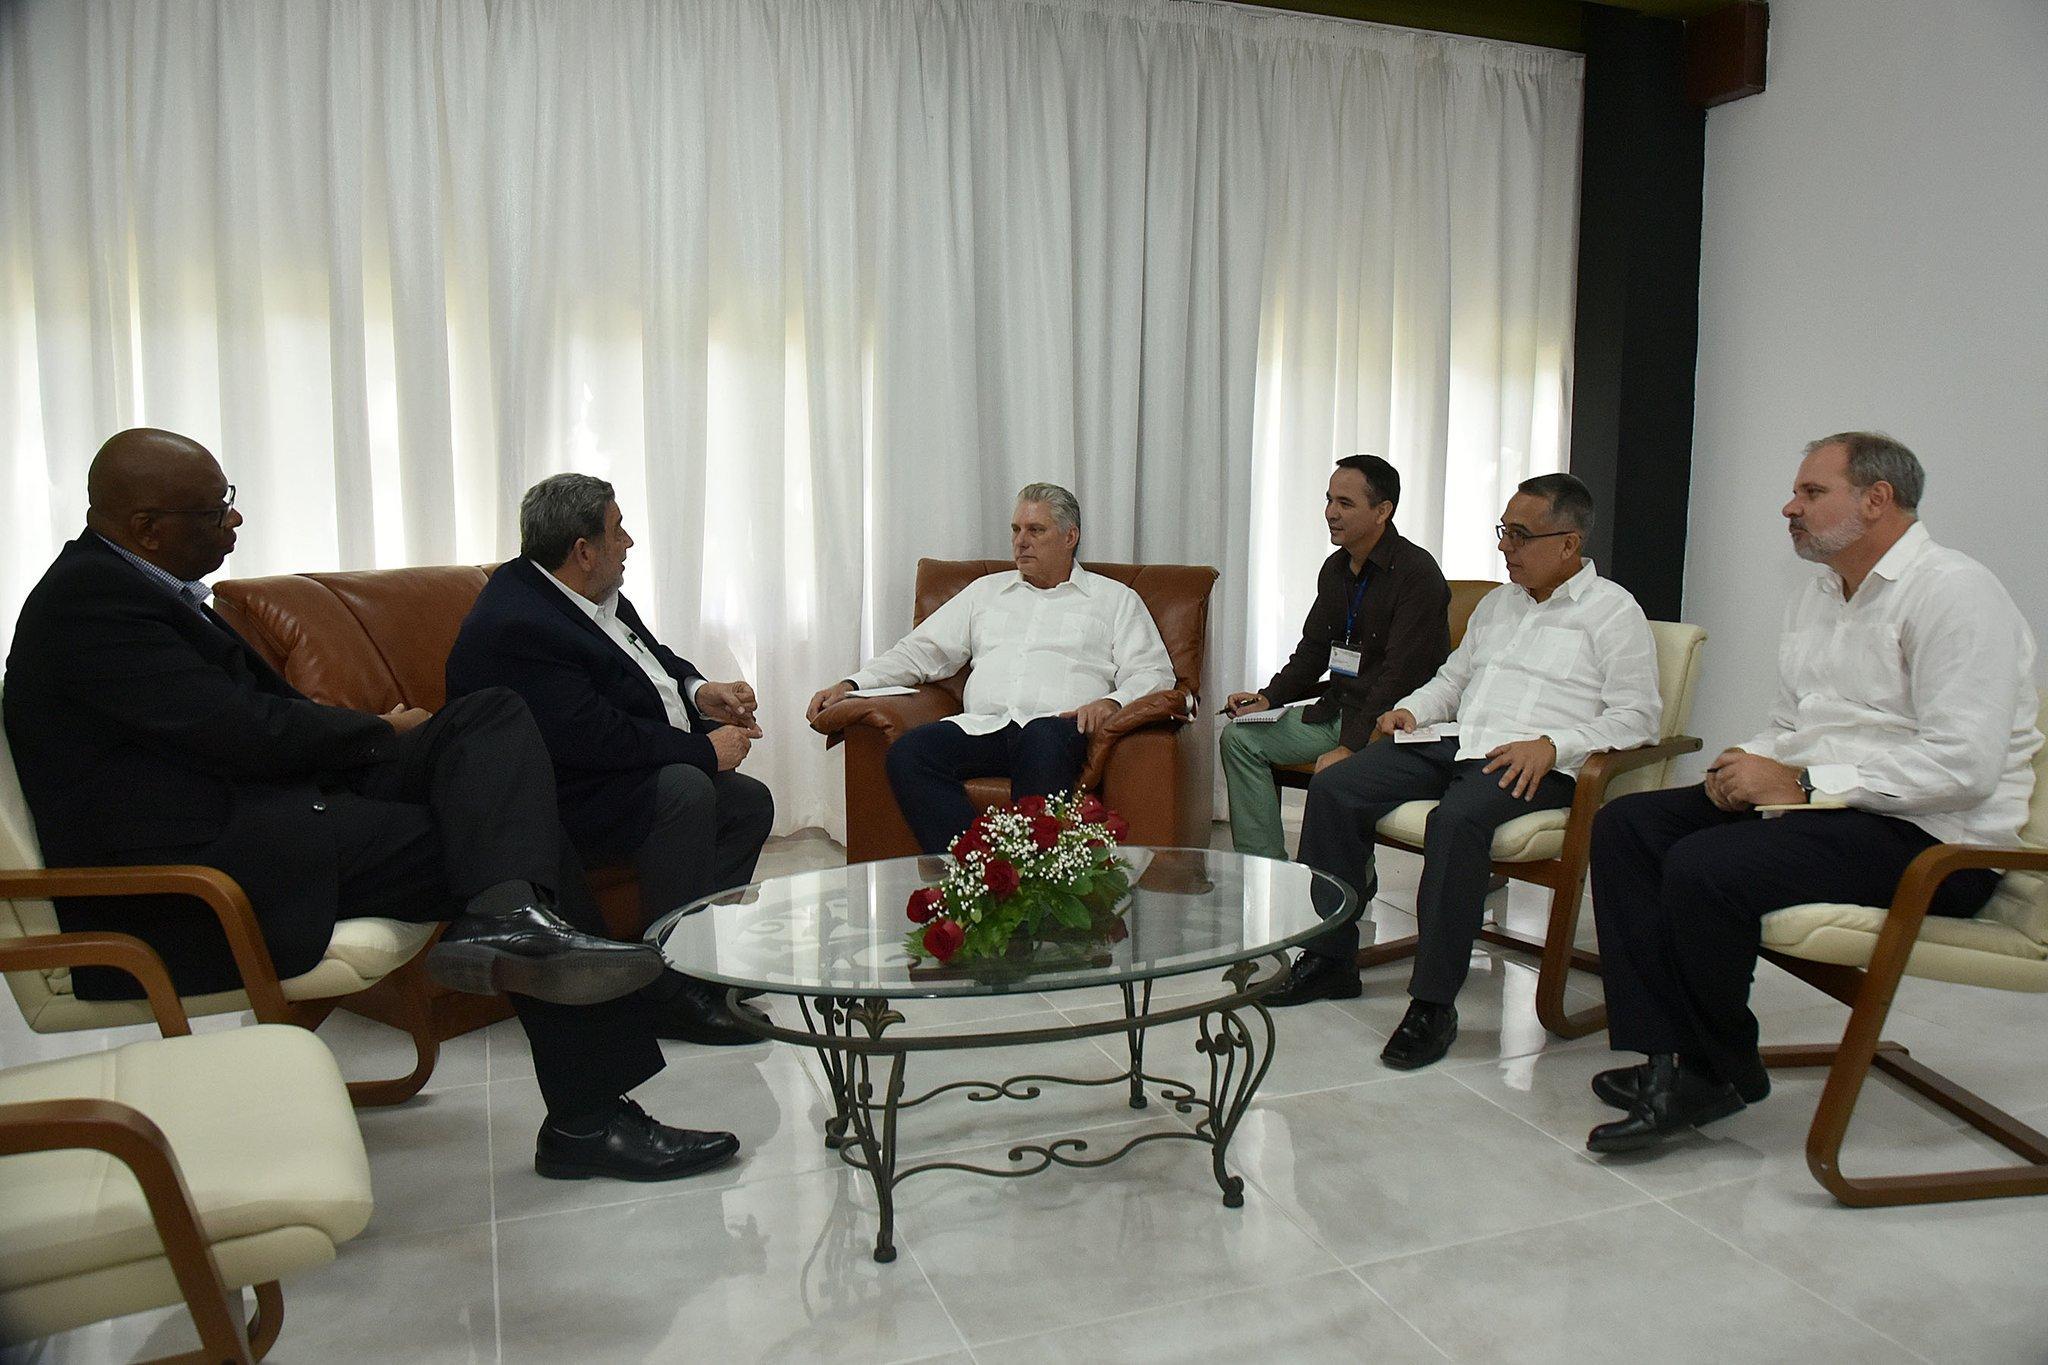 Recibió Presidente cubano a líderes de izquierda participantes en encuentro de solidaridad